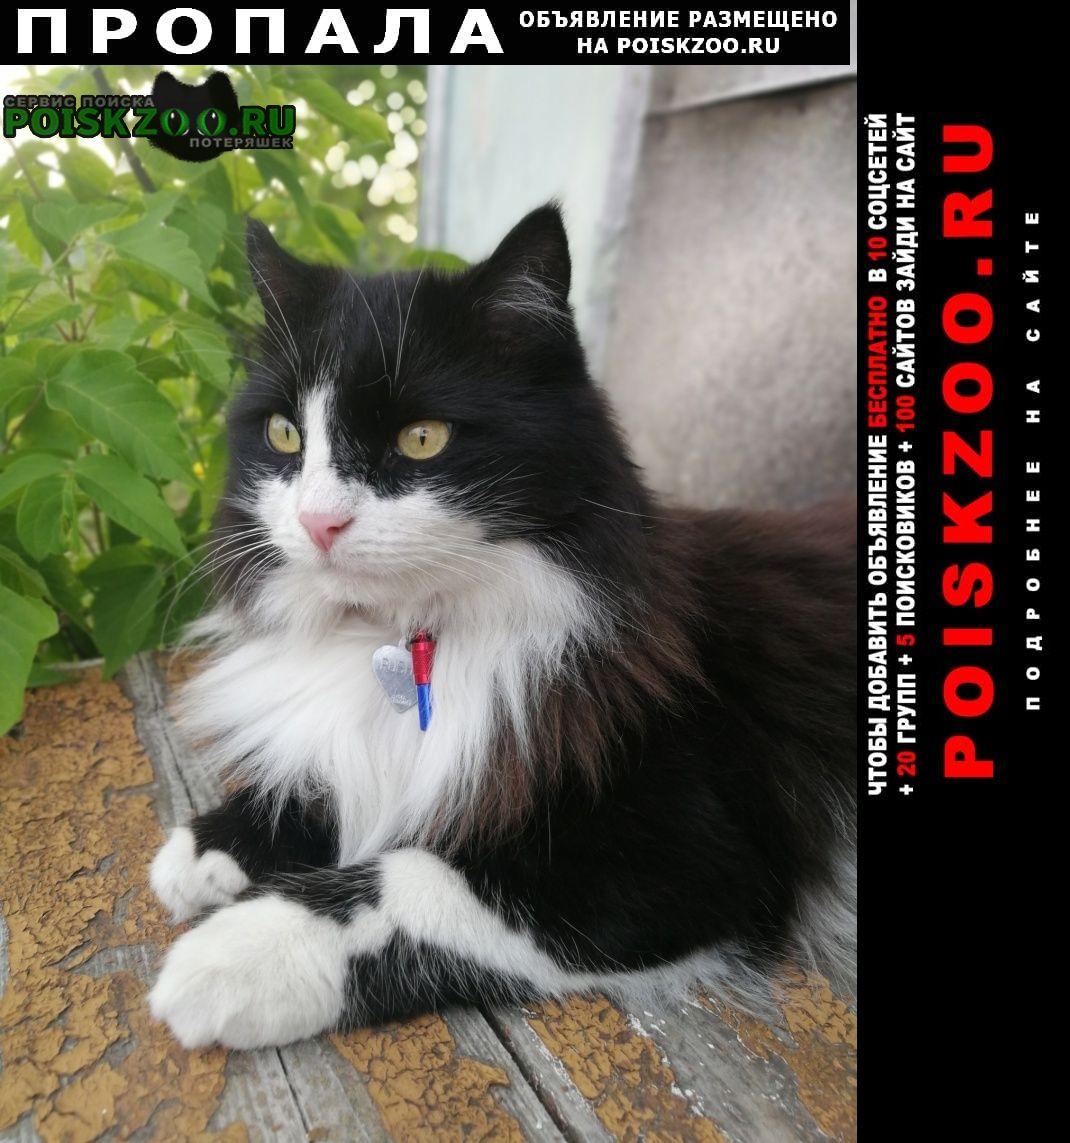 Ульяновск Пропал кот прошу, верните а